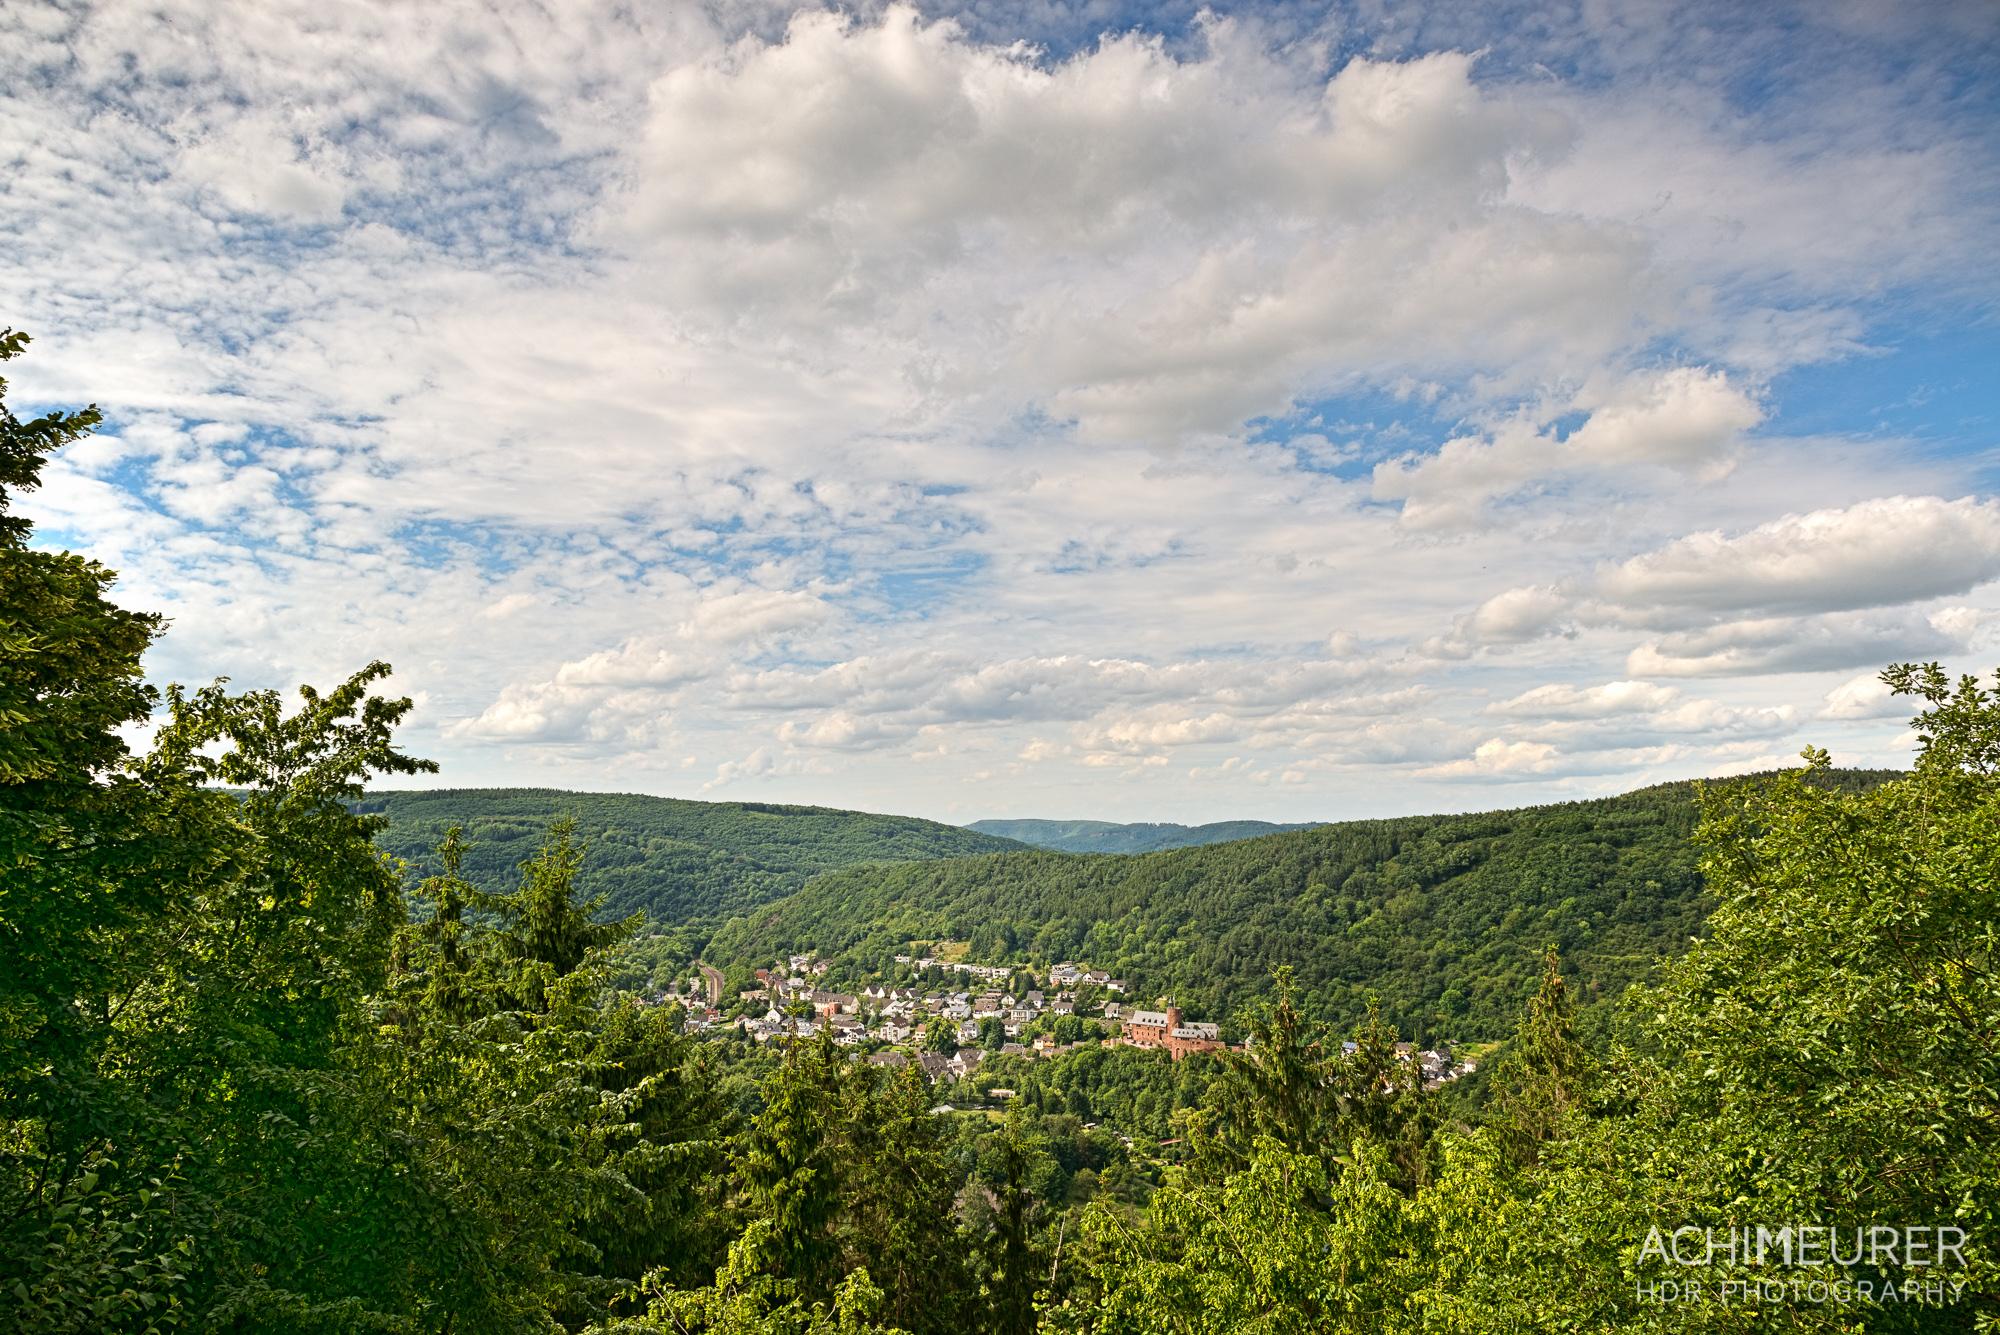 Eifel-Rheinland-Pfalz-Rureifel_5445_4_3_2_1_HDR